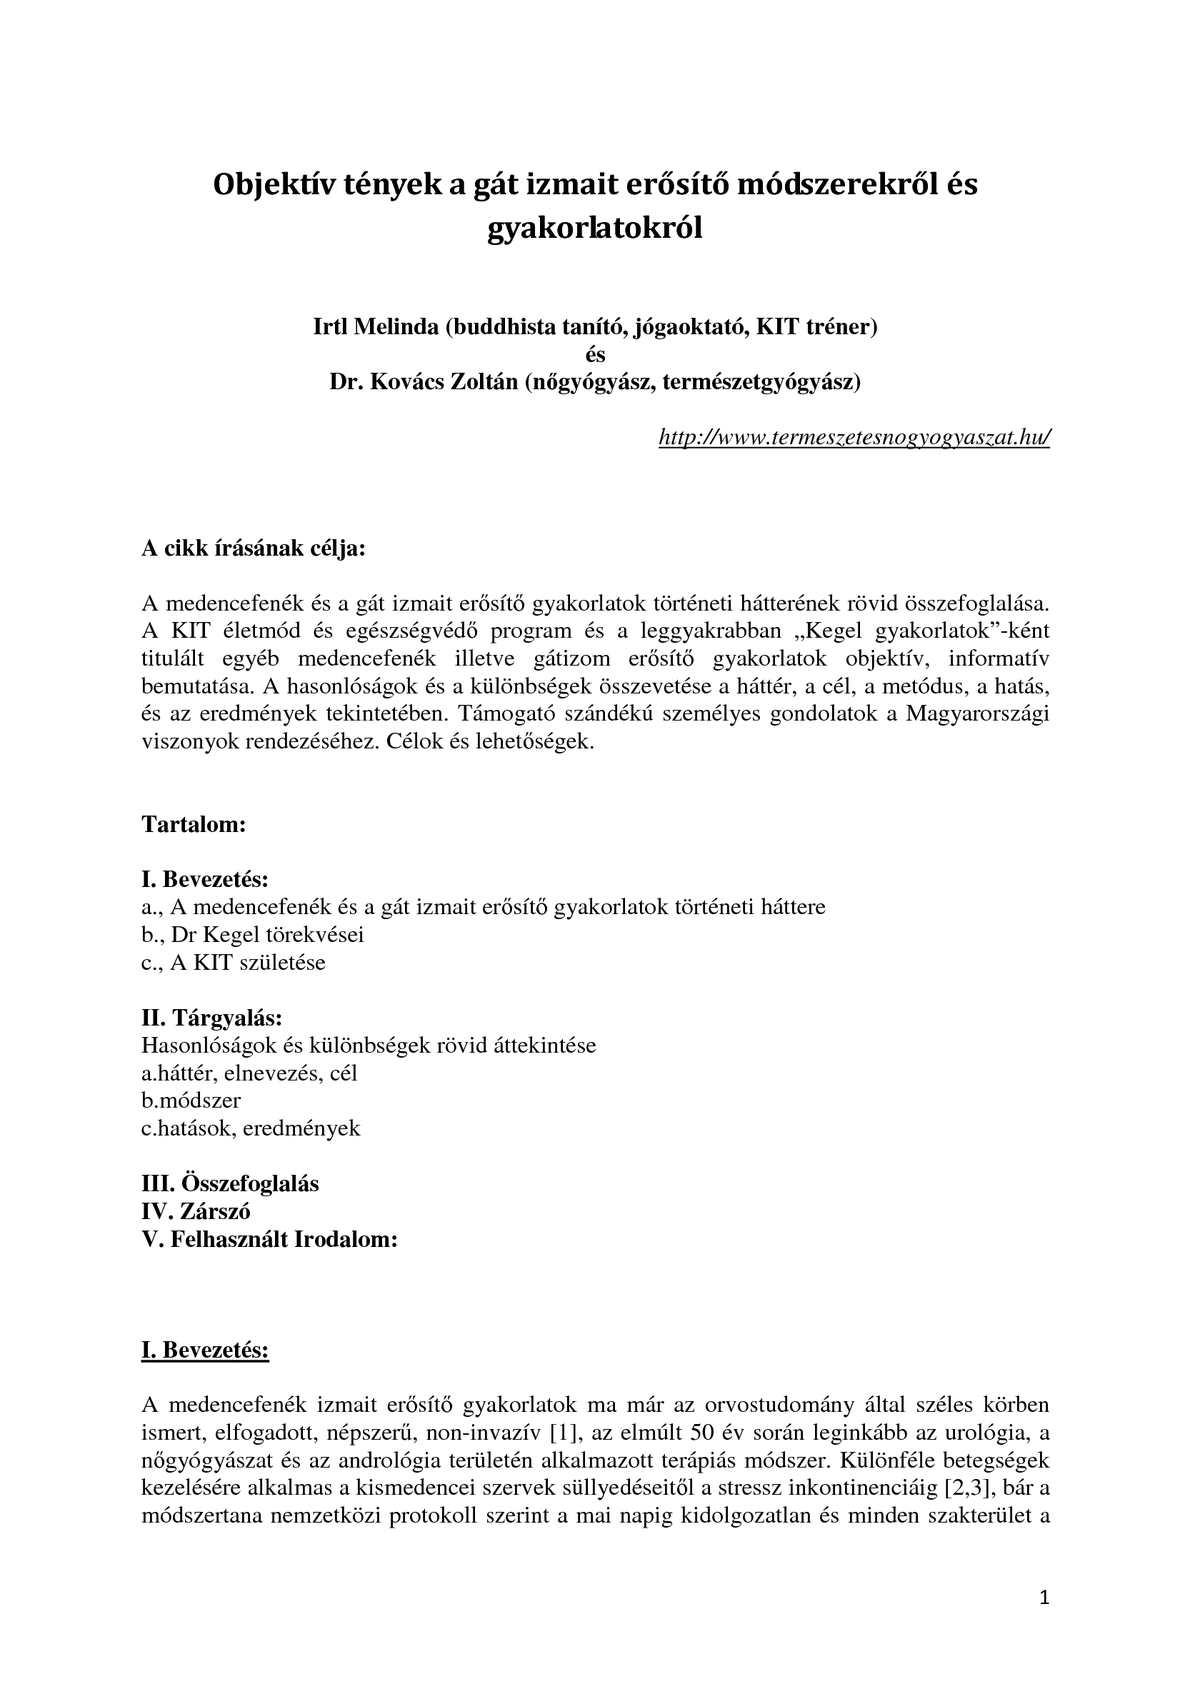 nemzetközi protokoll a magas vérnyomás kezelésére)